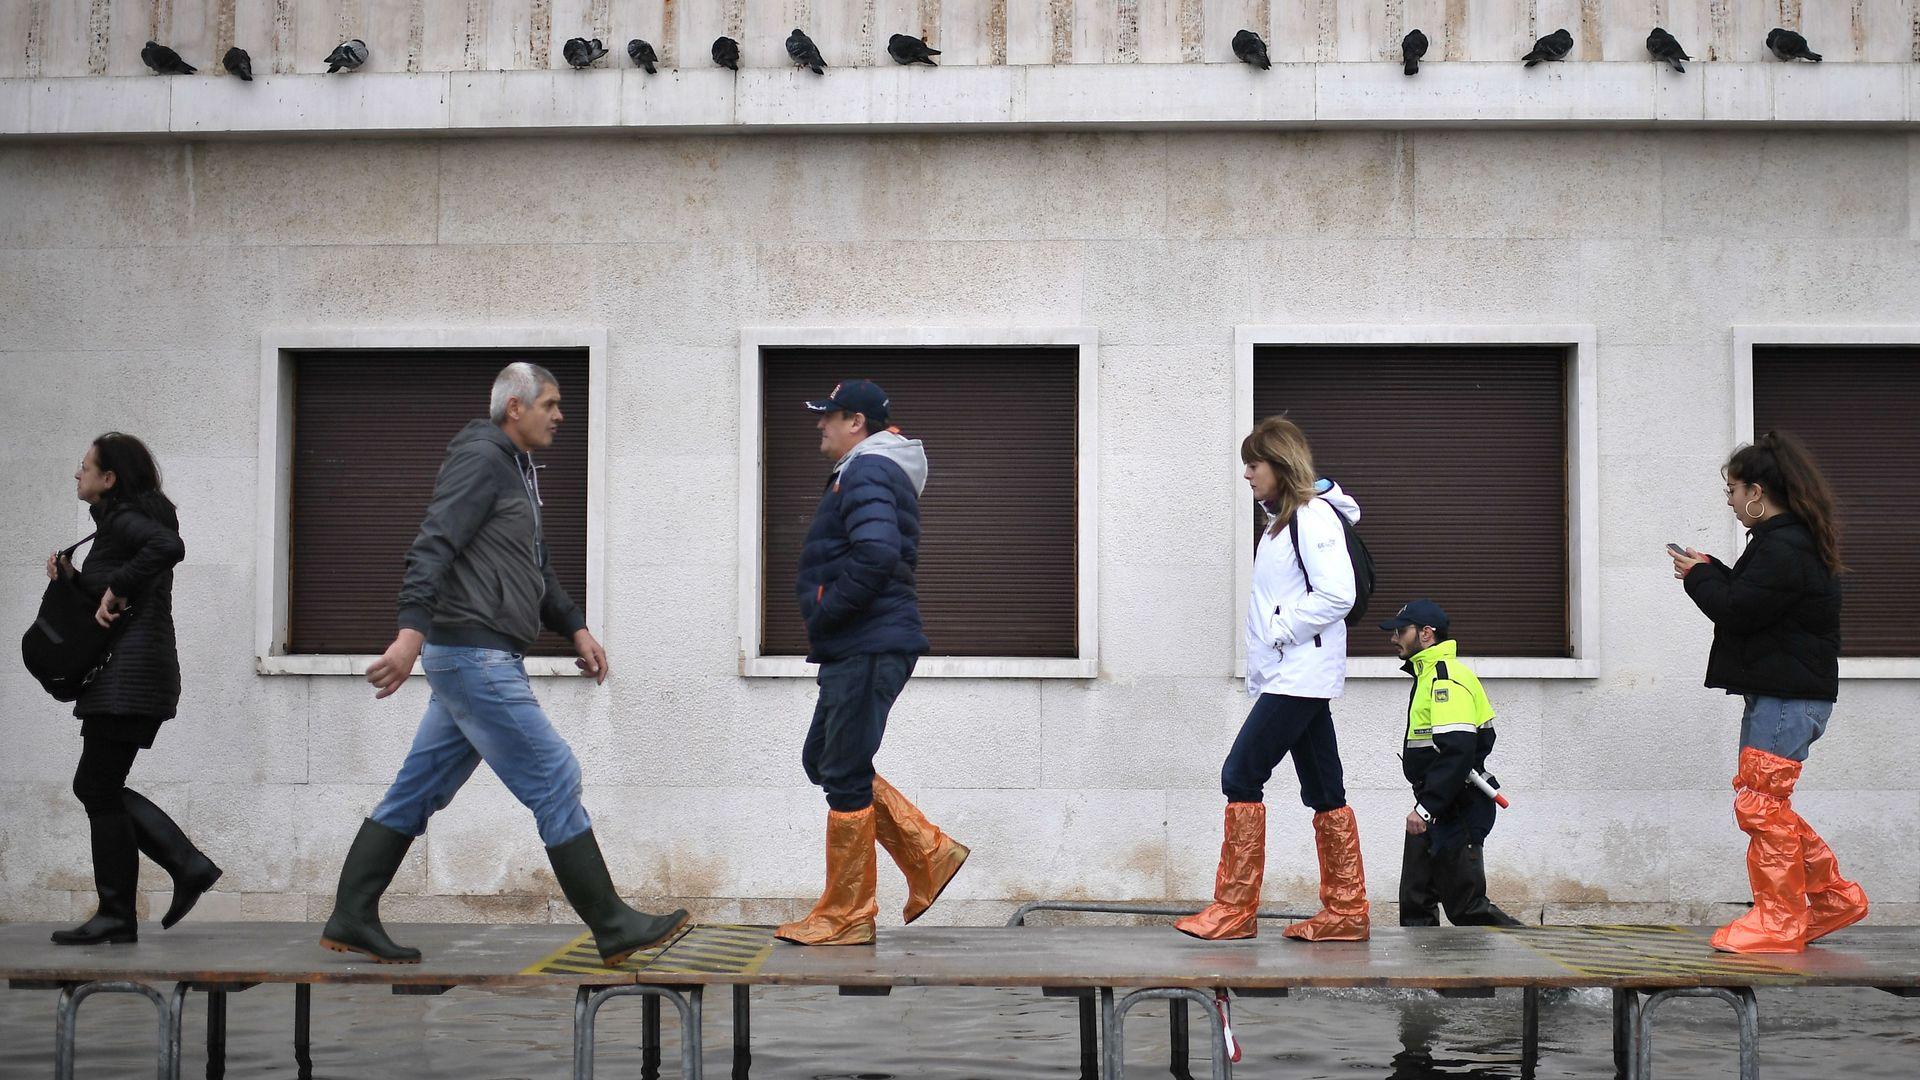 People walk on a footbridge across a flooded street in Venice.